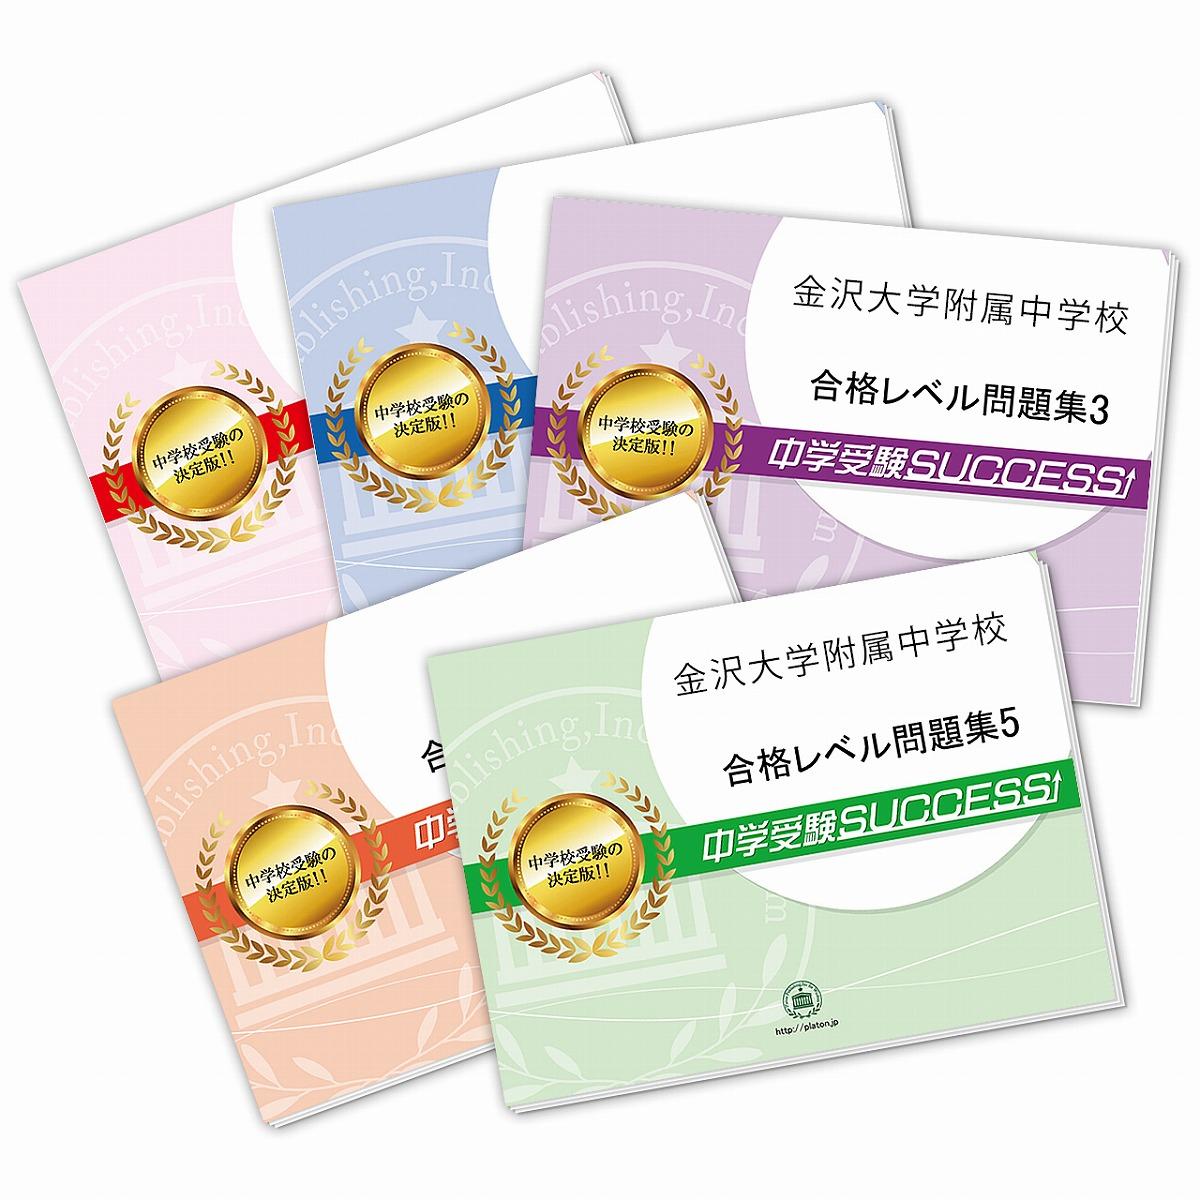 【送料・代引手数料無料】金沢大学附属中学校・直前対策合格セット(5冊)